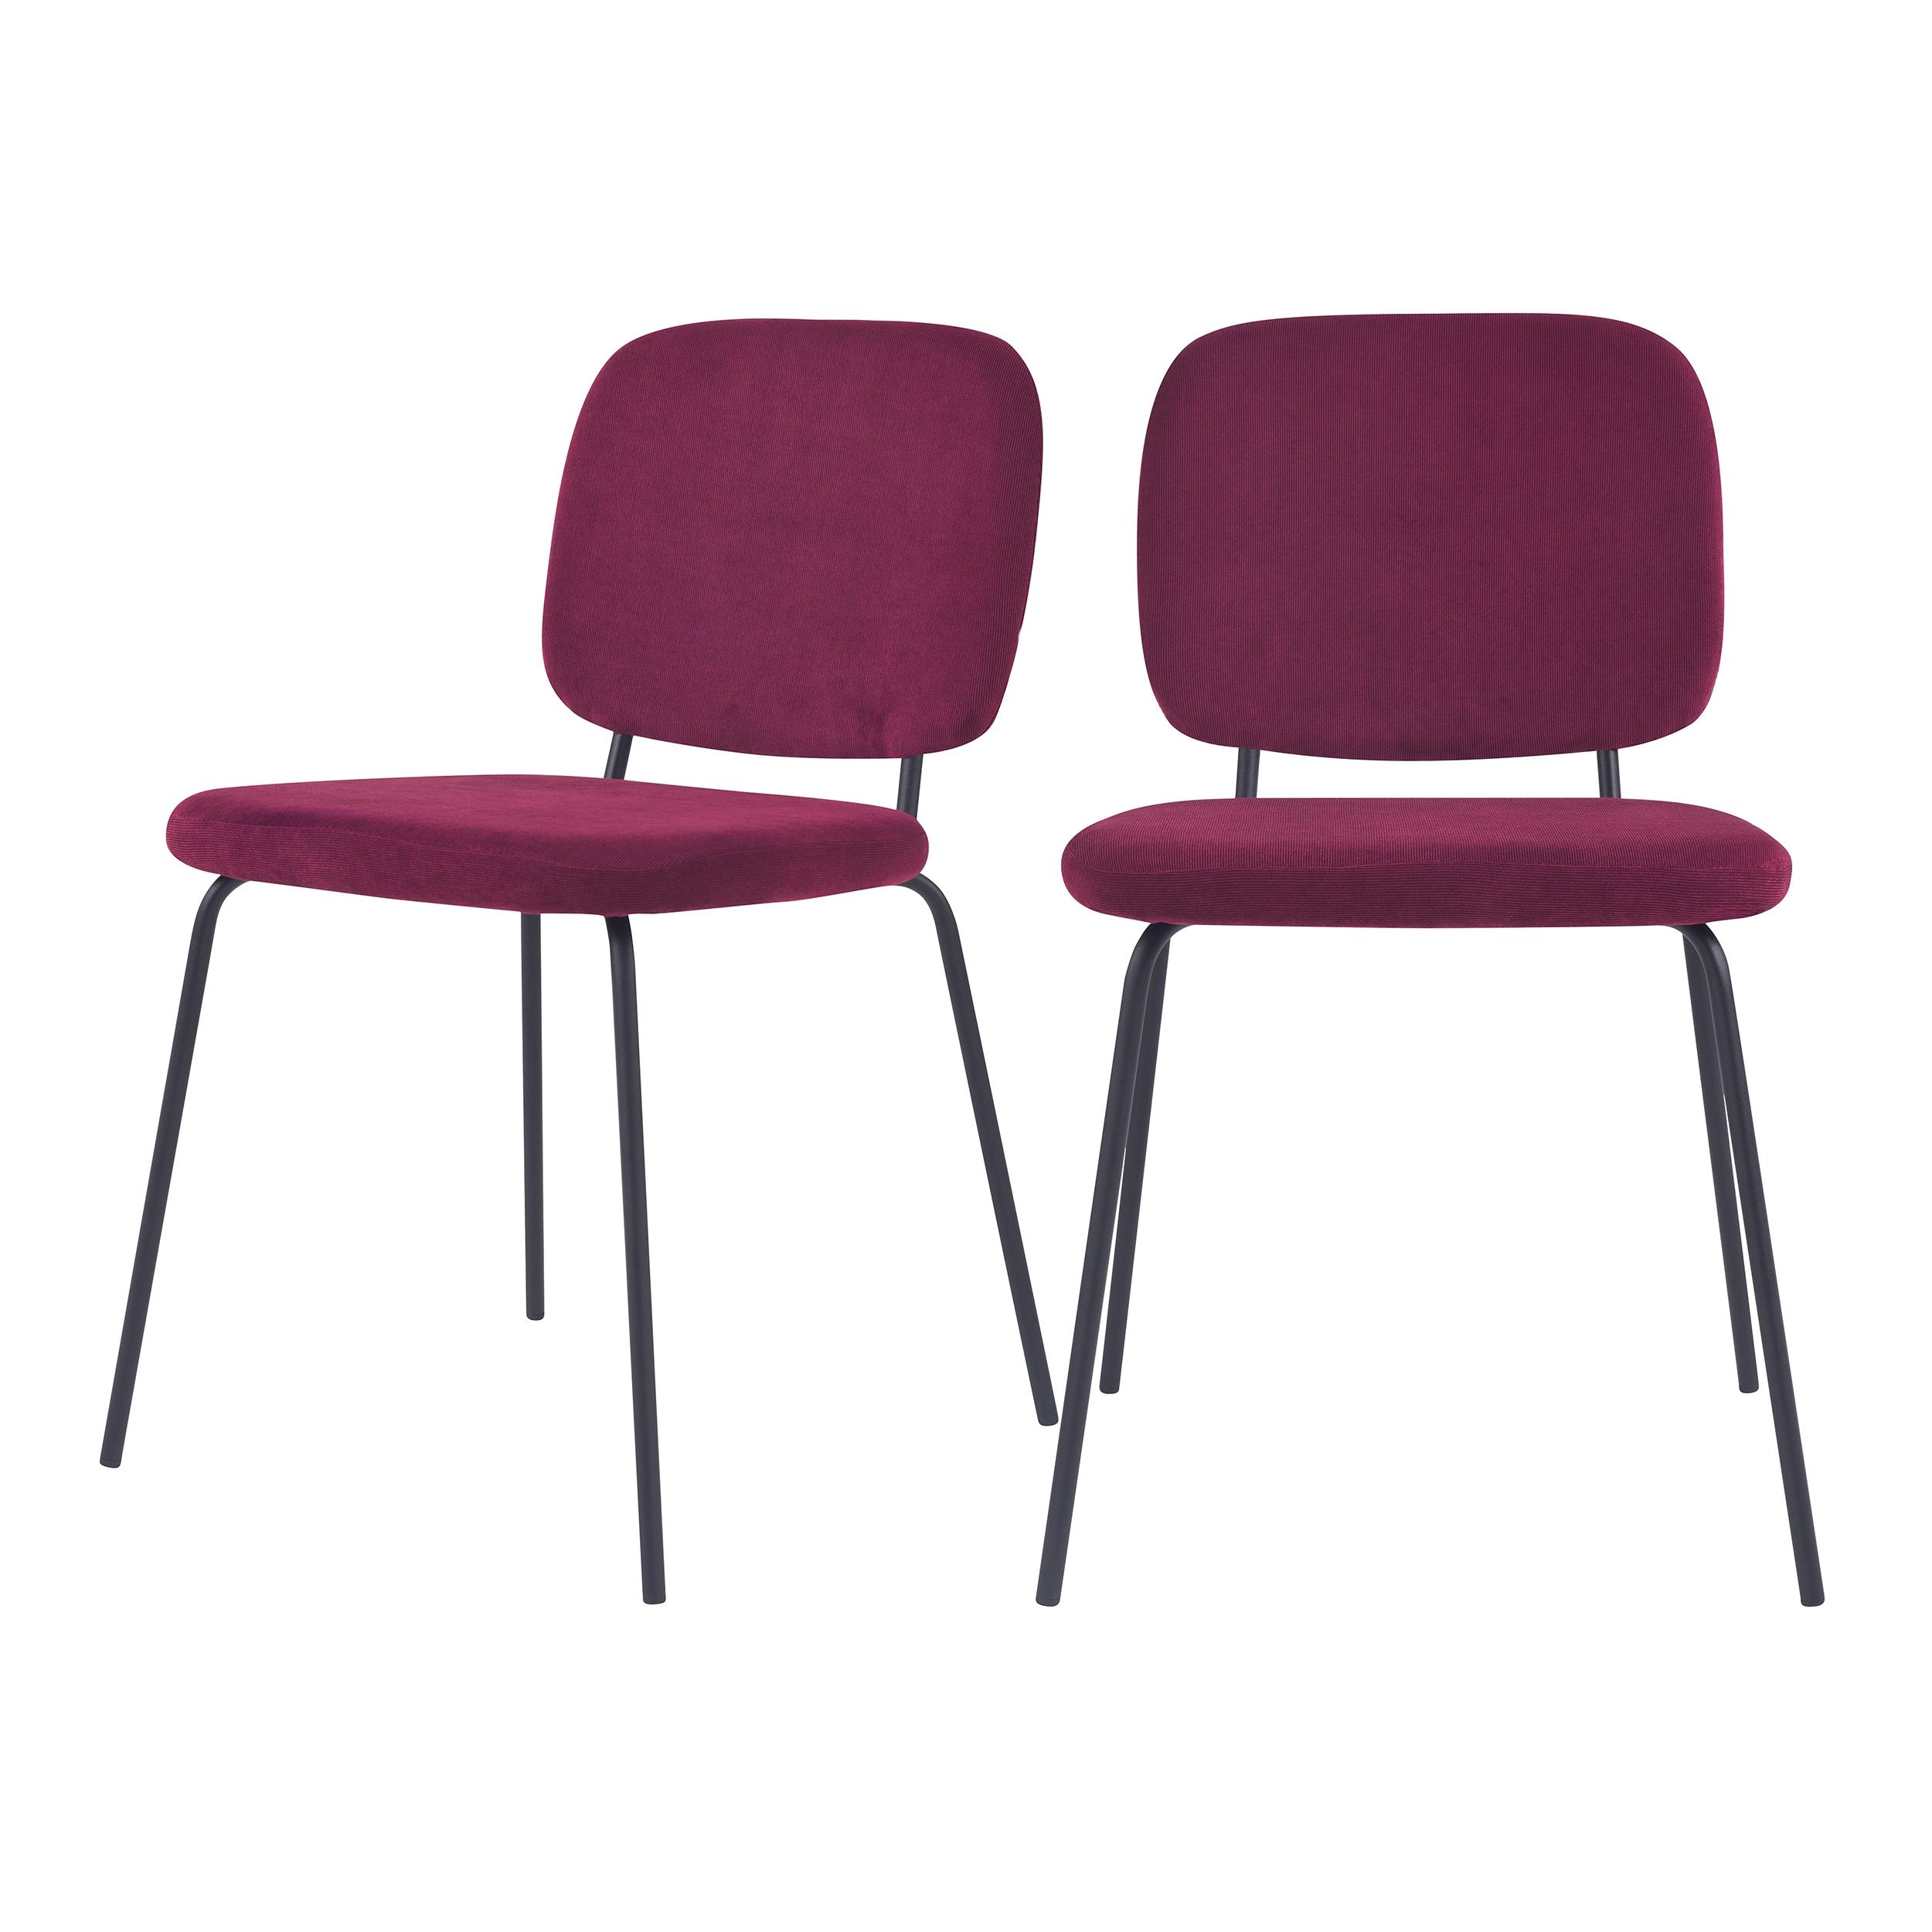 Chaise en velours côtelé prune (lot de 2)